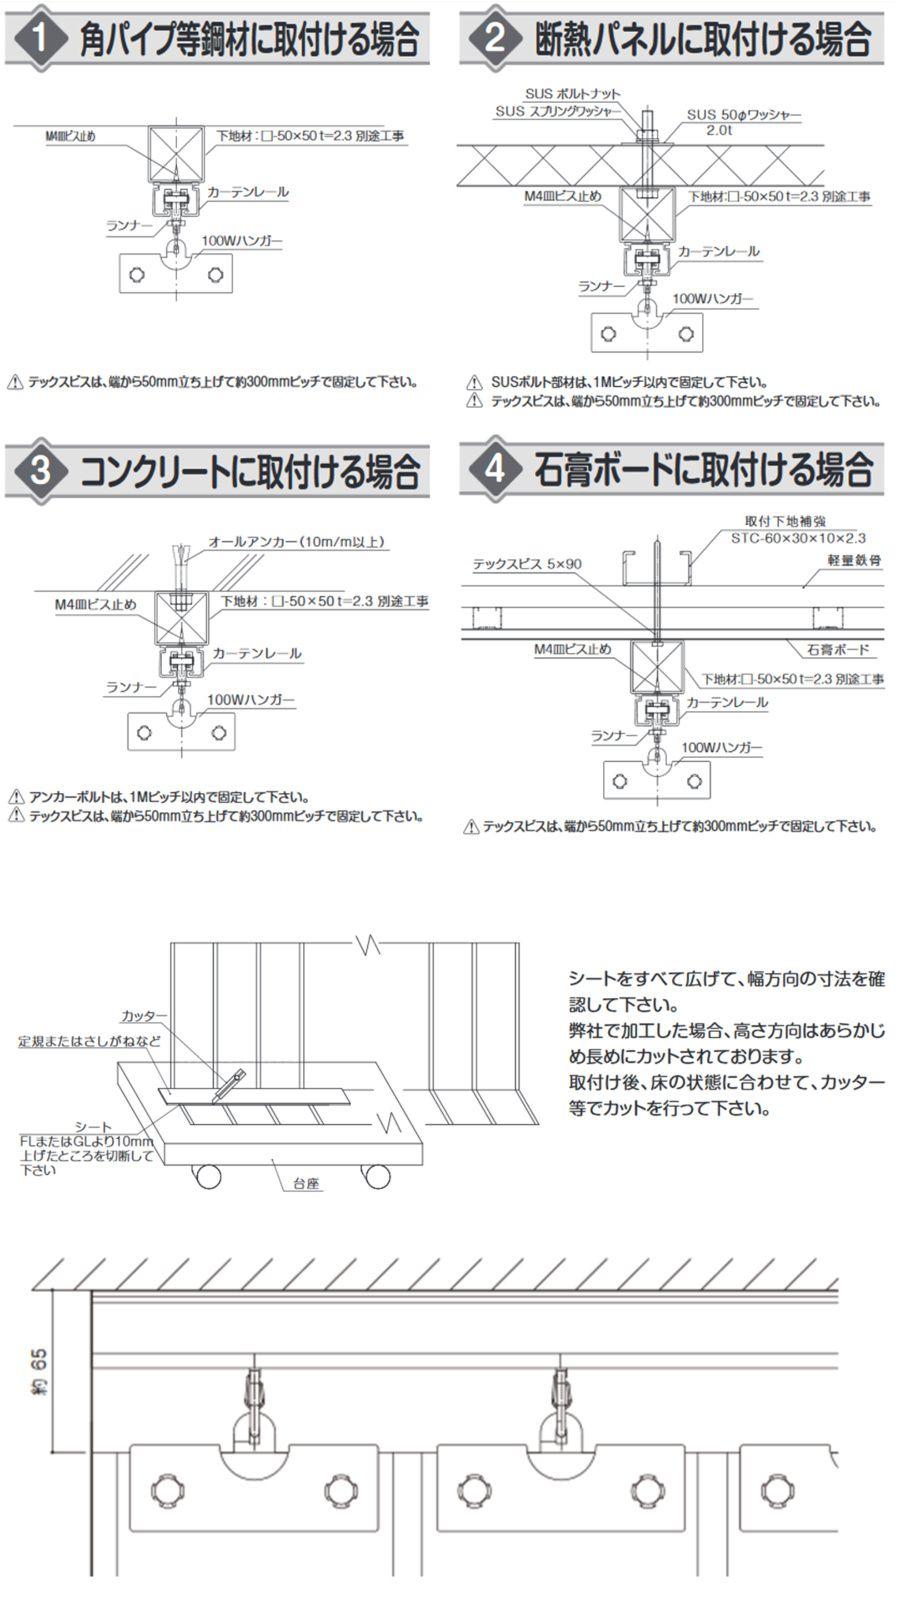 透明アコーディオンカーテンの取付方法